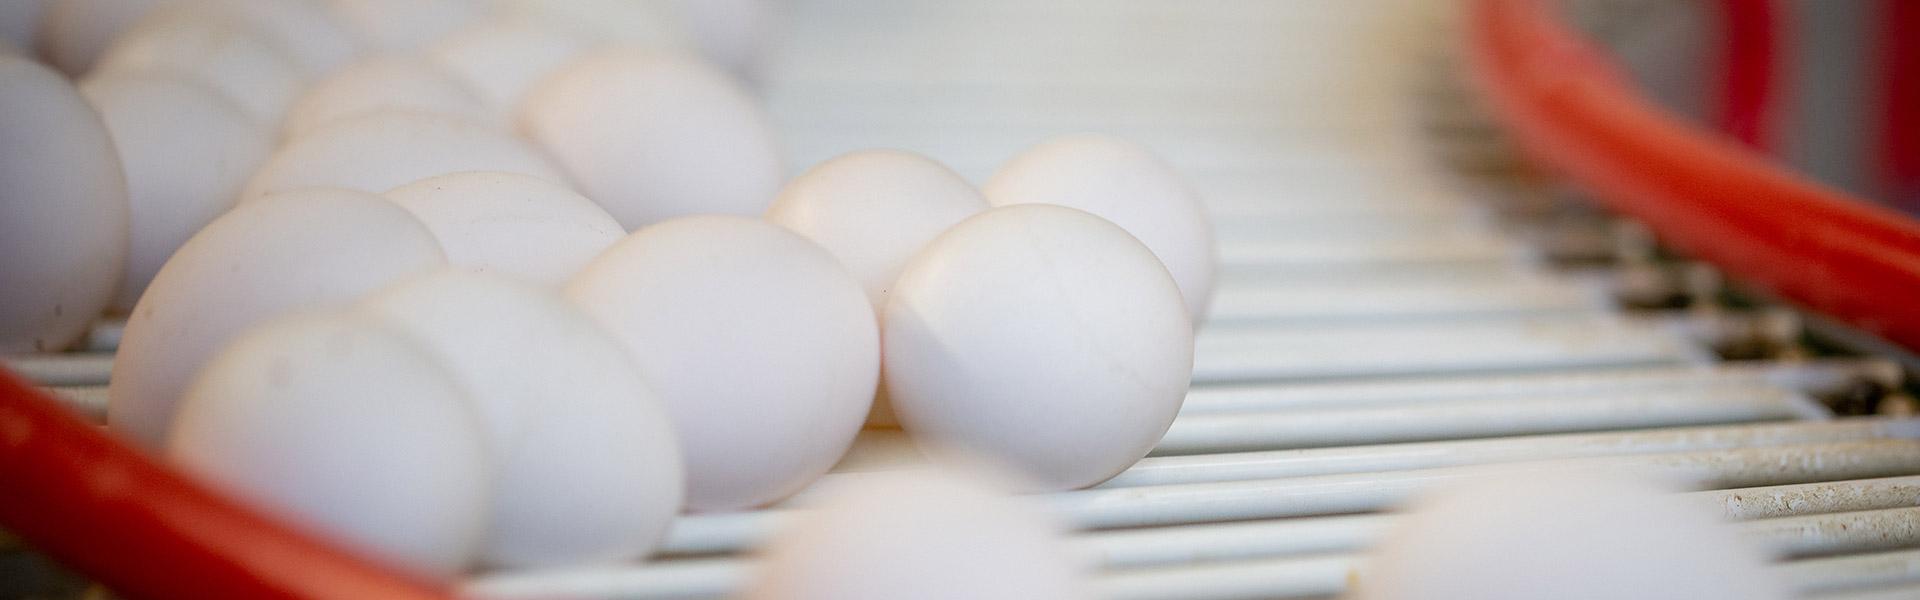 Eier von glücklichen Freilandhühnern